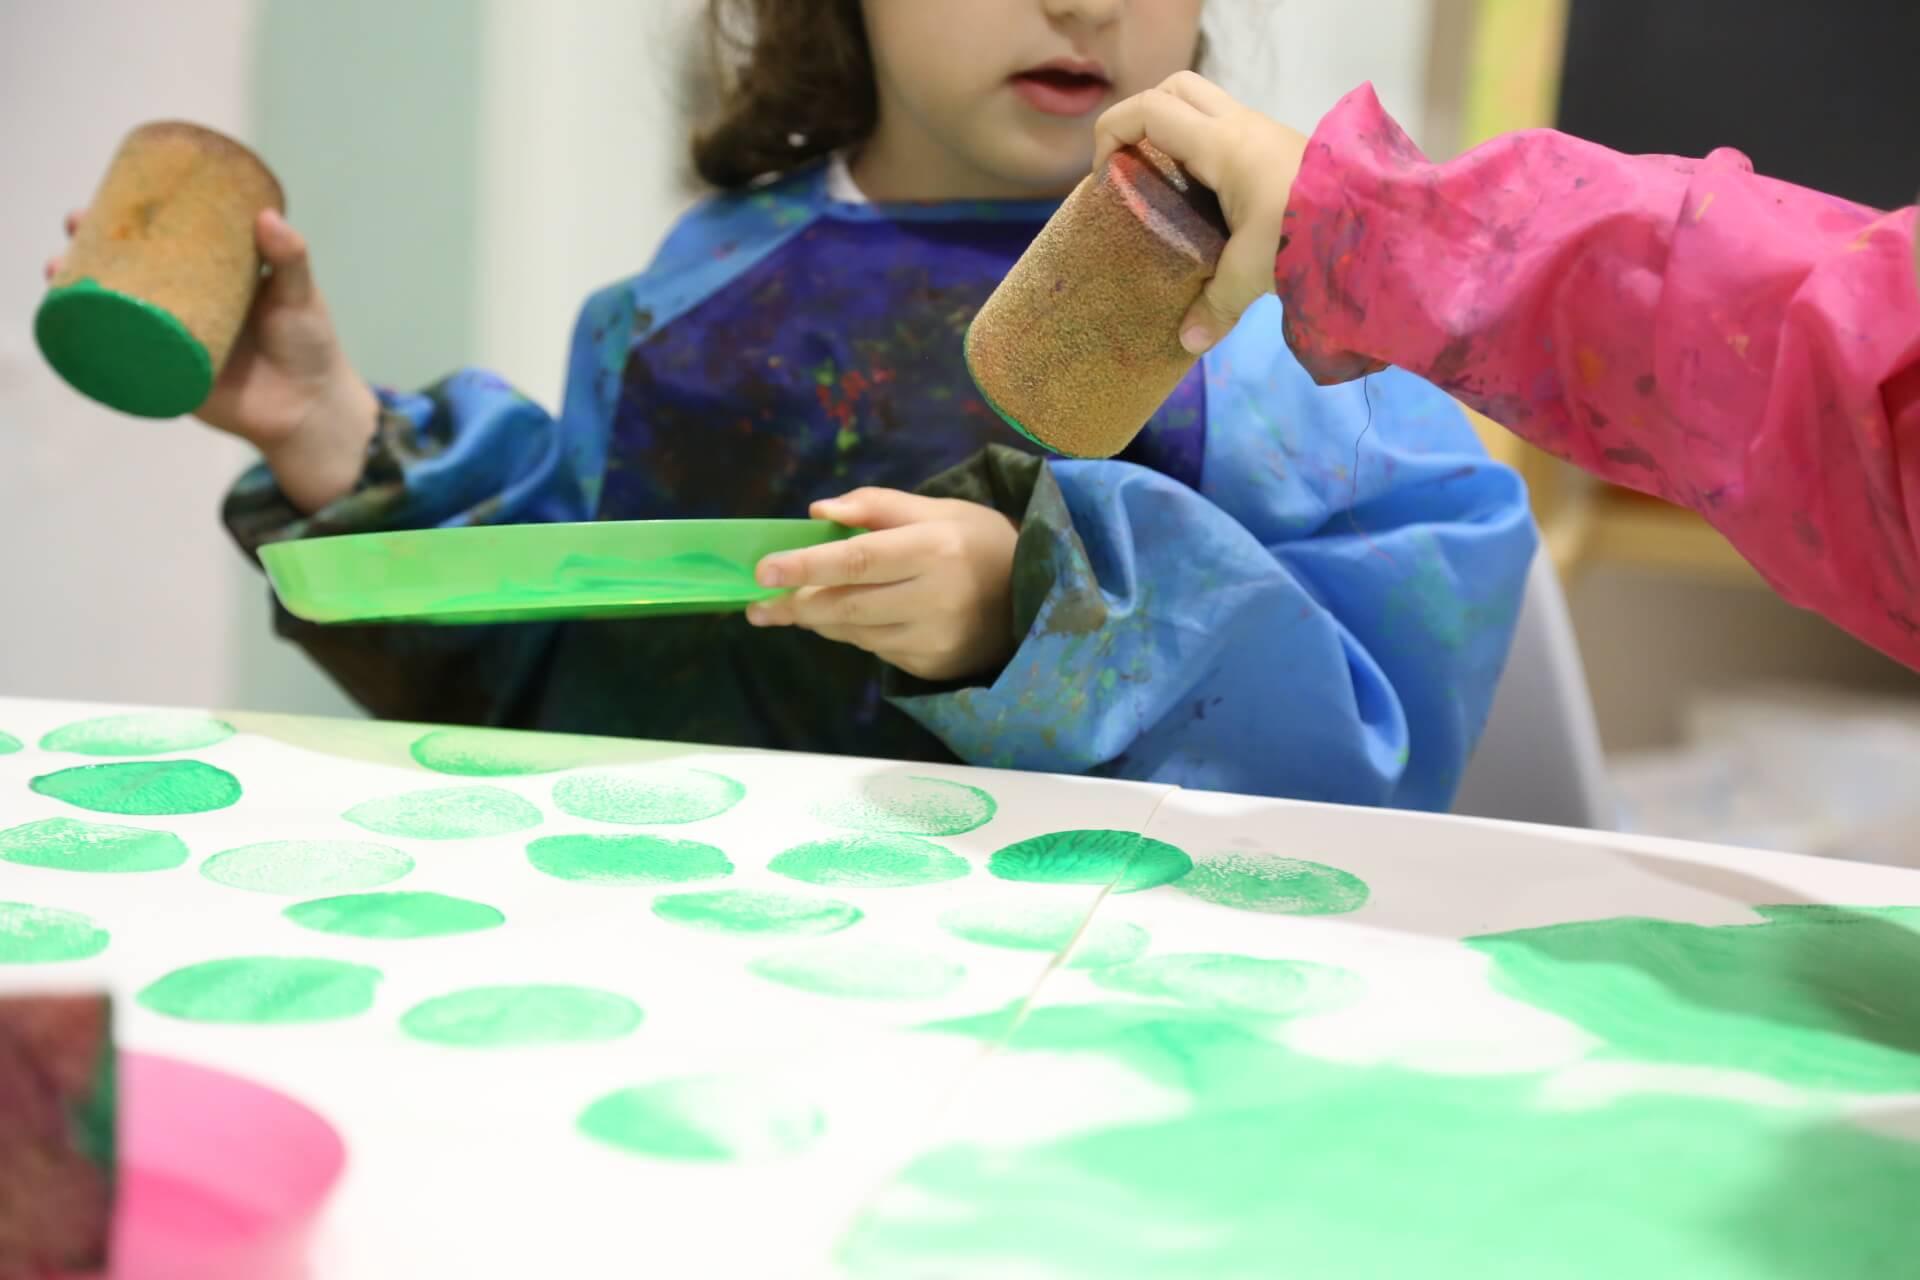 programa educativo - la creatividad es la inteligencia divirtiéndose